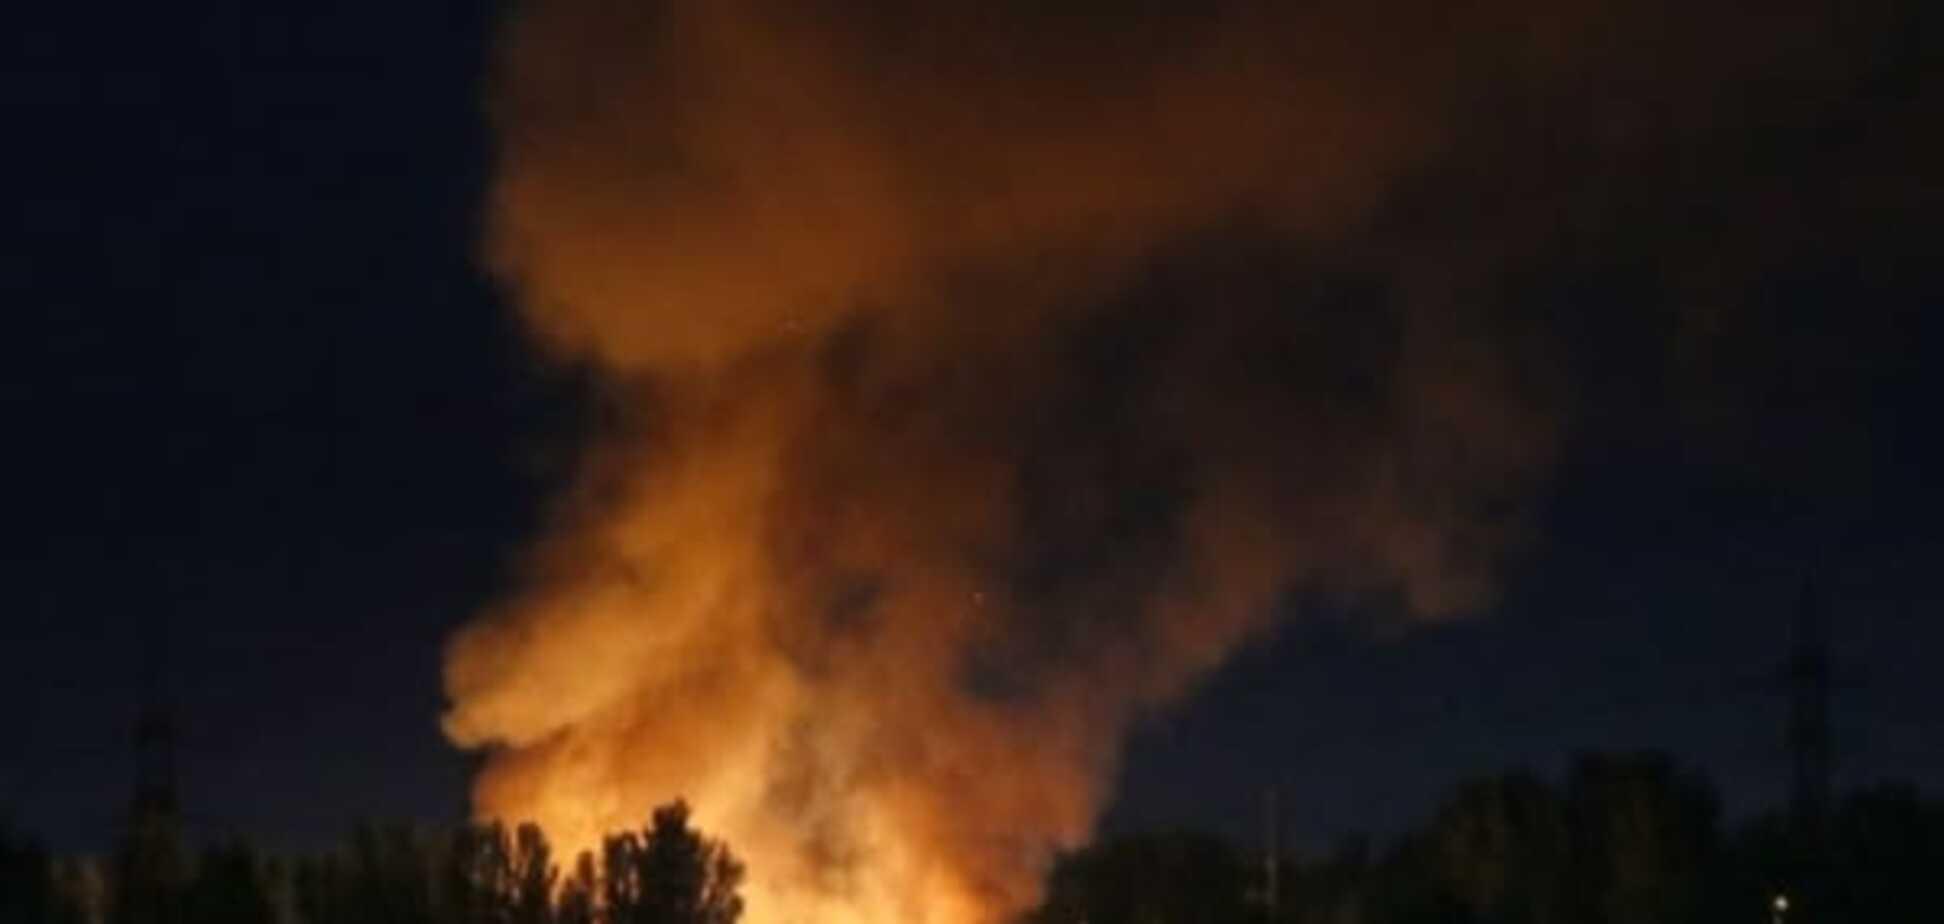 Підлога здригнулася: очевидці повідомляють про потужний вибух у Донецьку